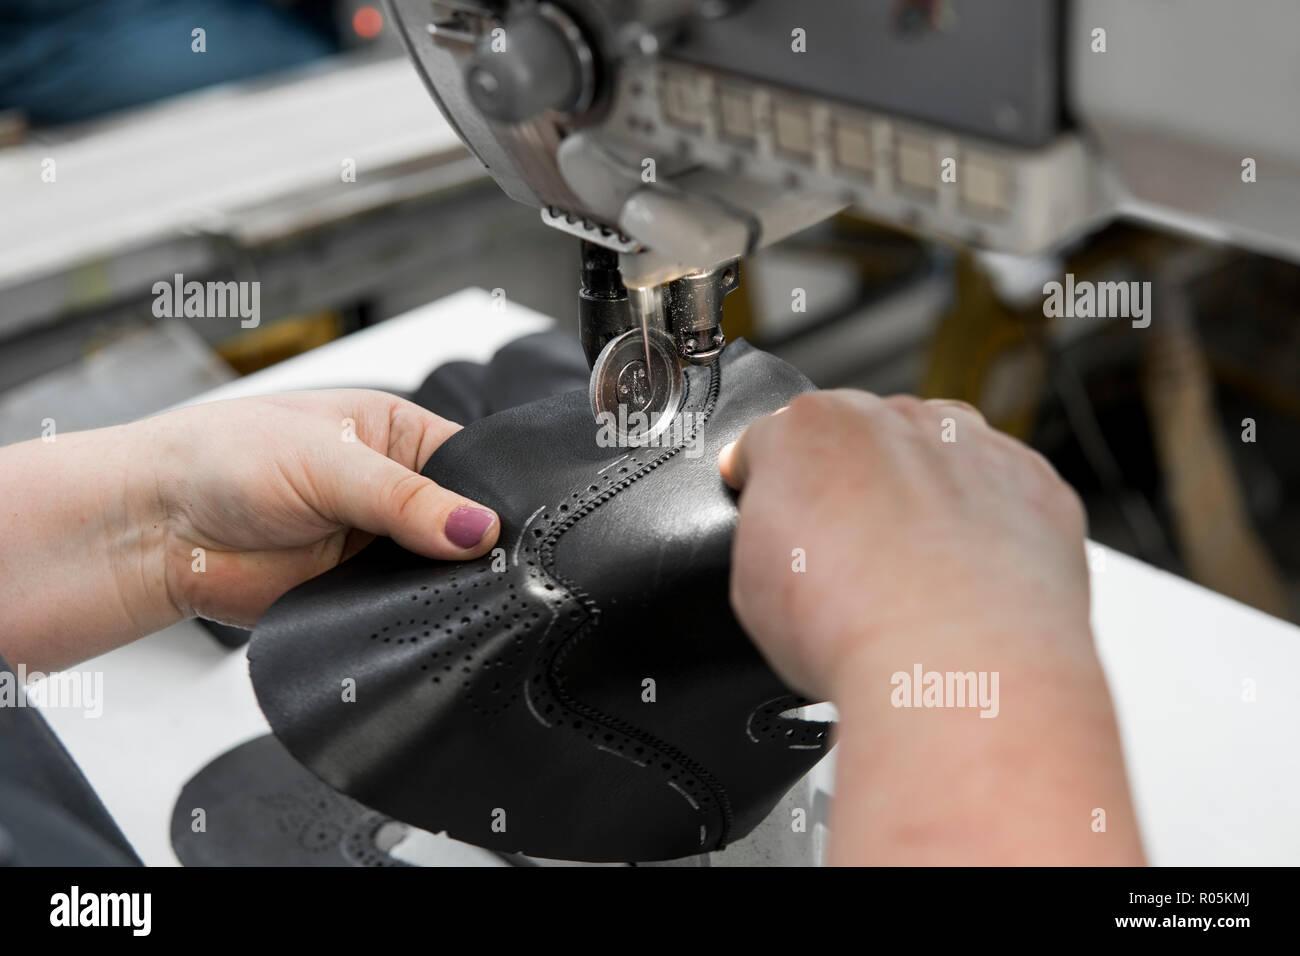 Scarpe da macchina da cucire immagini & scarpe da macchina da cucire